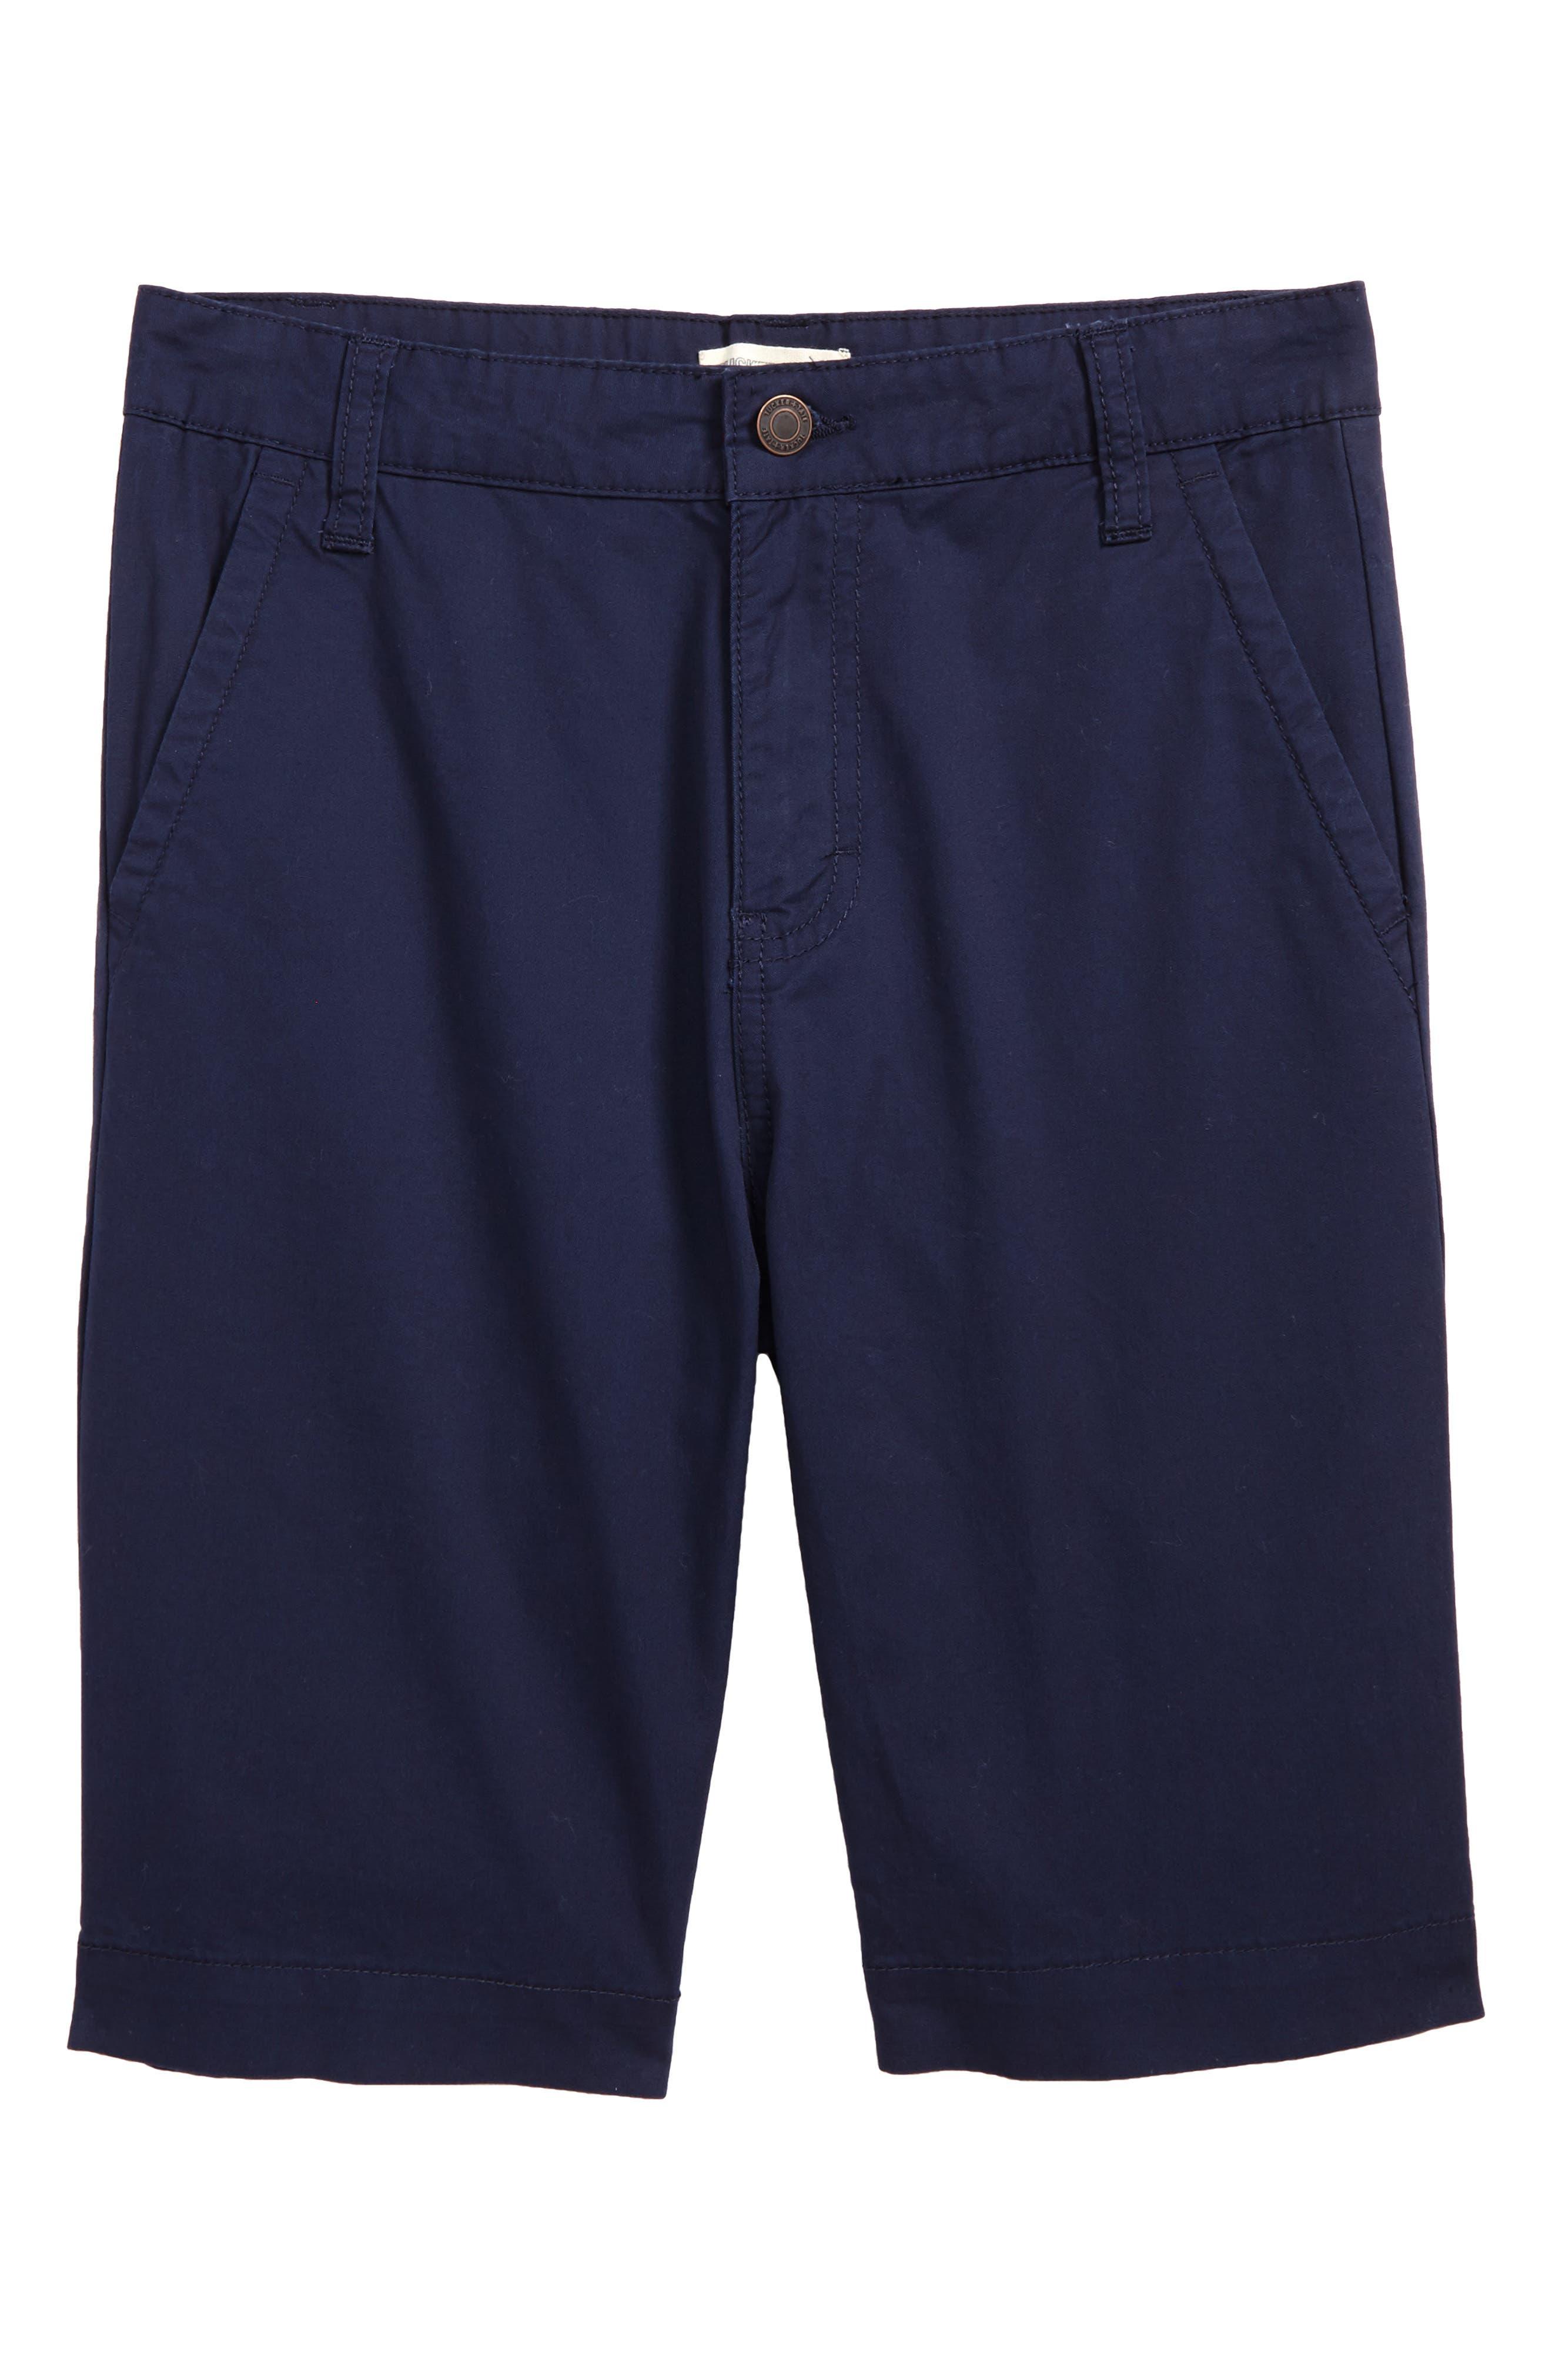 Chino Shorts,                             Main thumbnail 3, color,